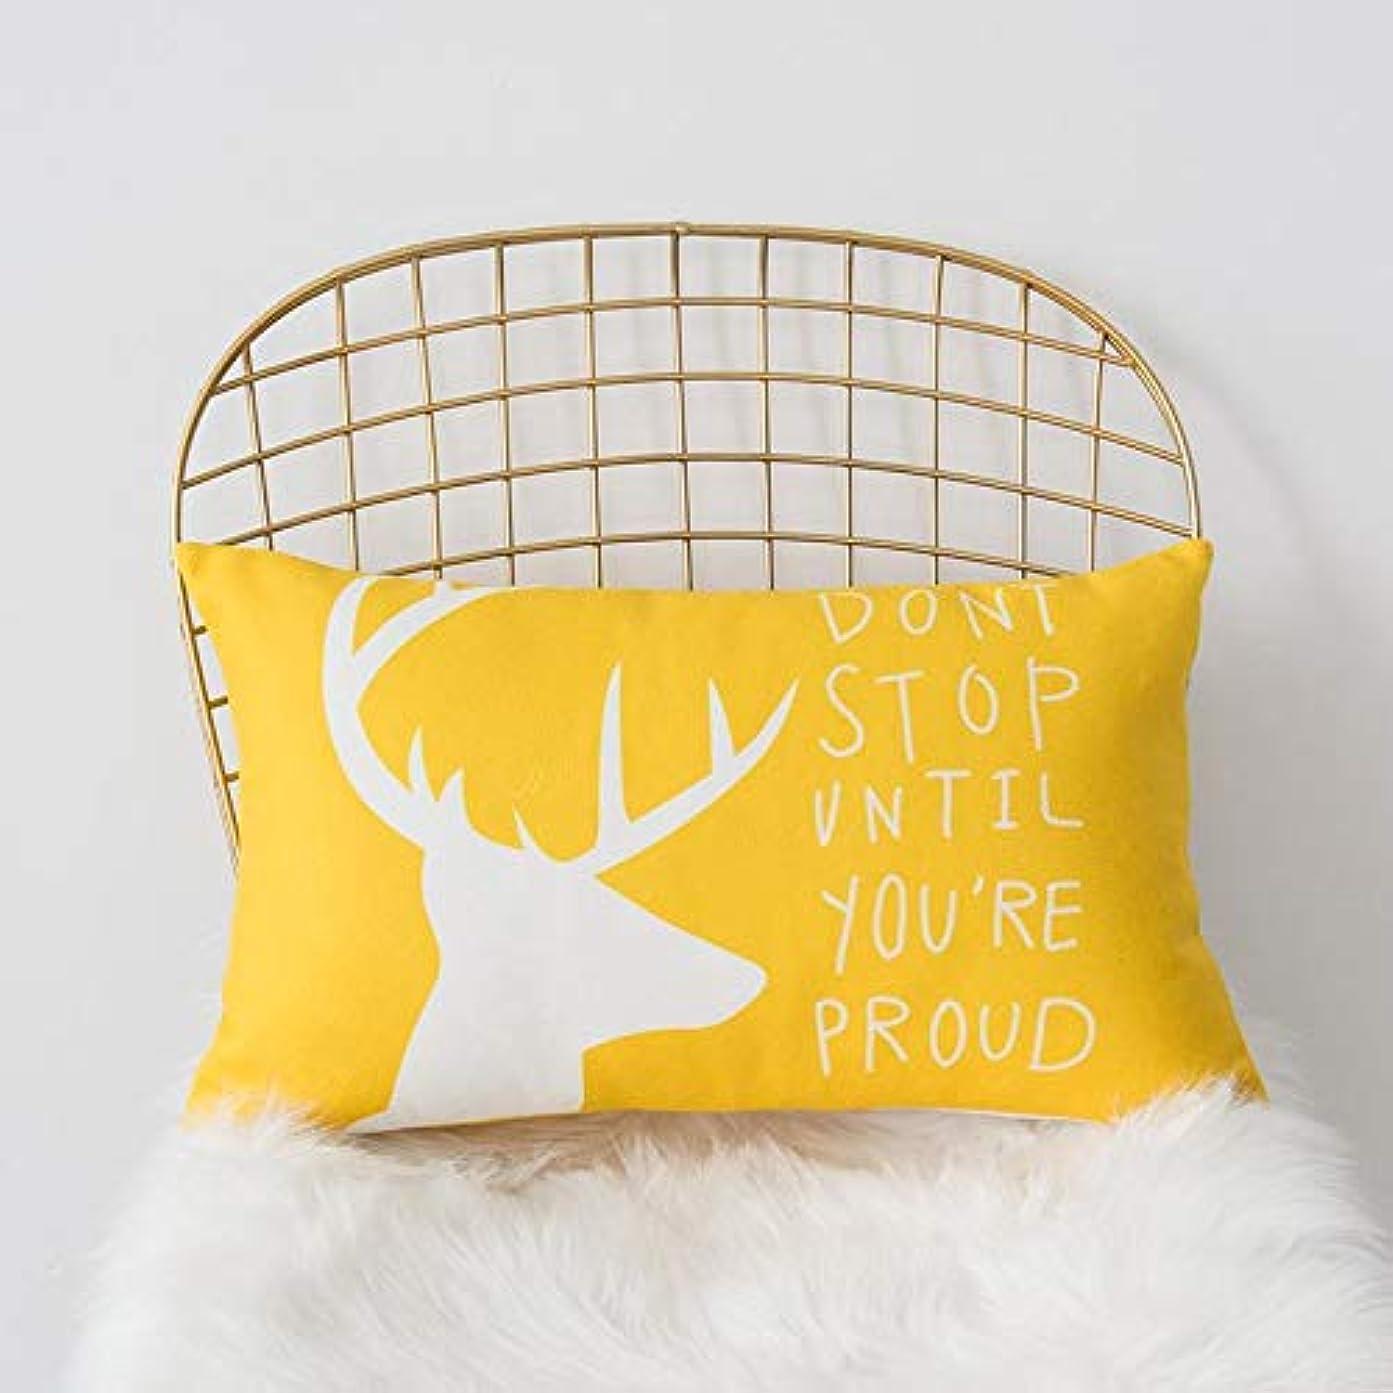 居間おっとかまどSMART 黄色グレー枕北欧スタイル黄色ヘラジカ幾何枕リビングルームのインテリアソファクッション Cojines 装飾良質 クッション 椅子